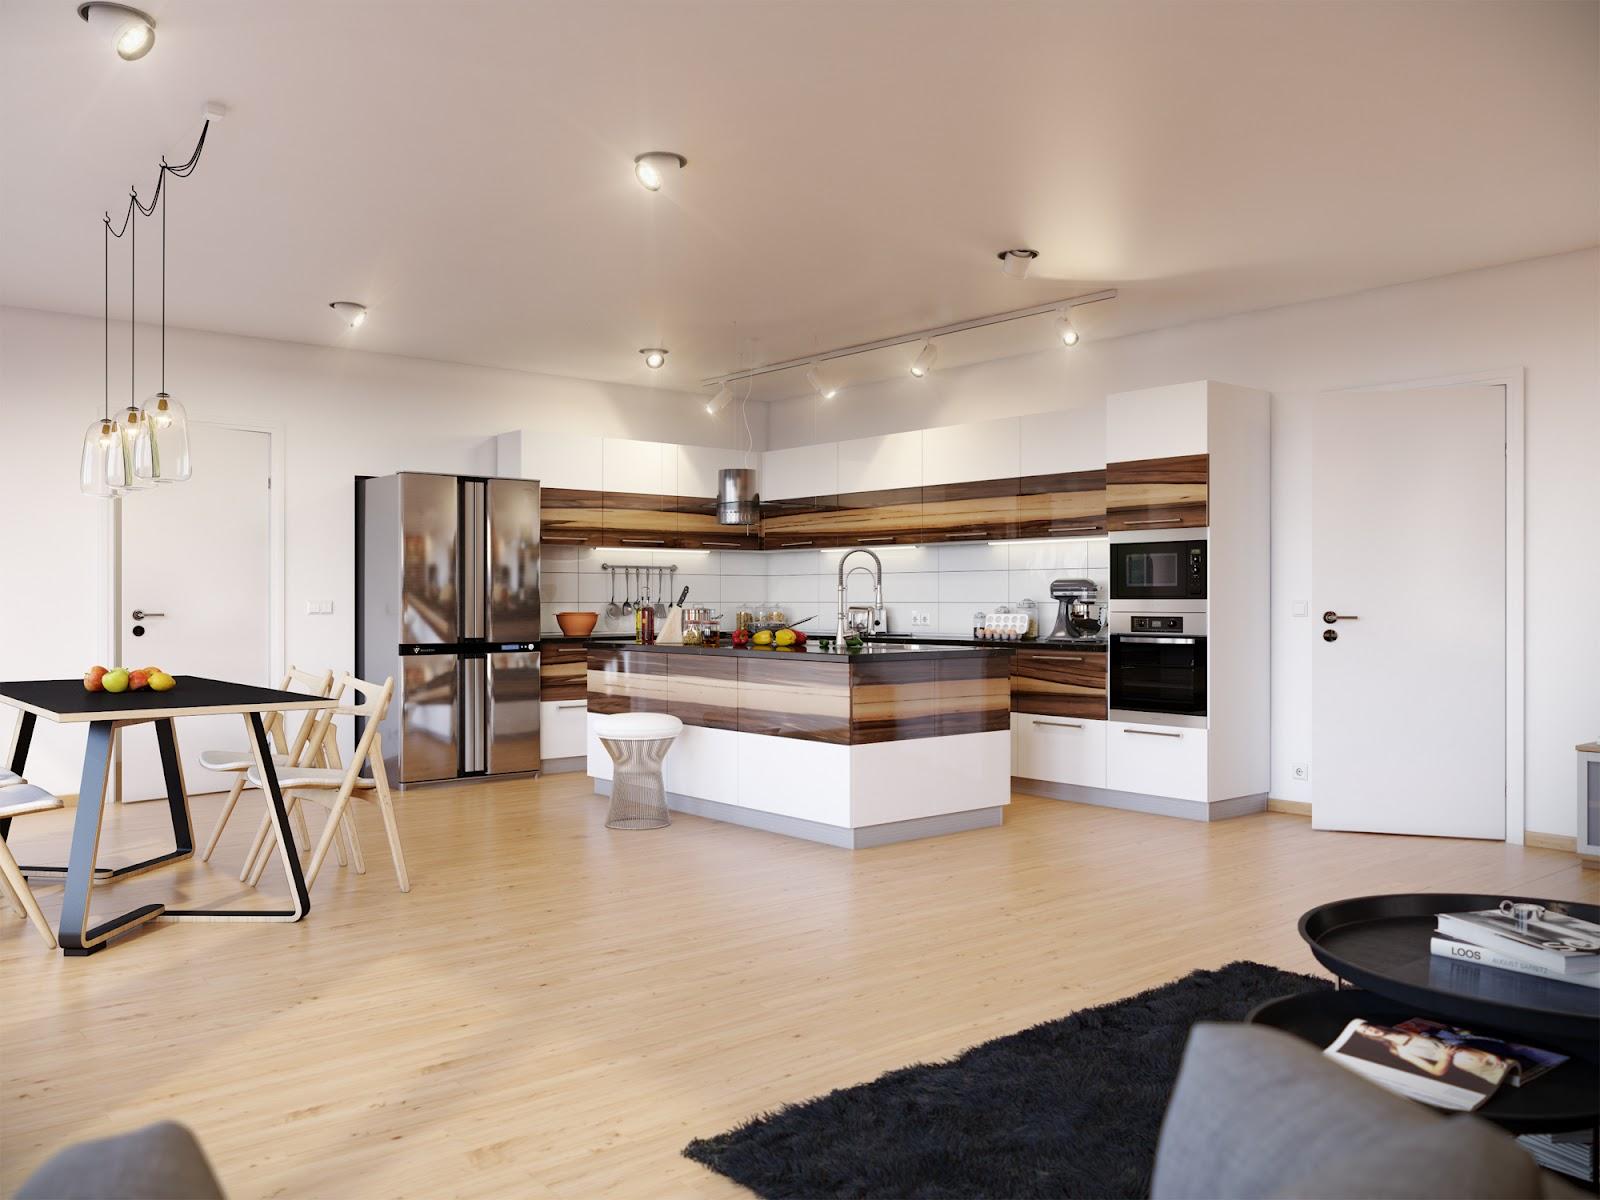 round rugs for under kitchen table kitchen ideas